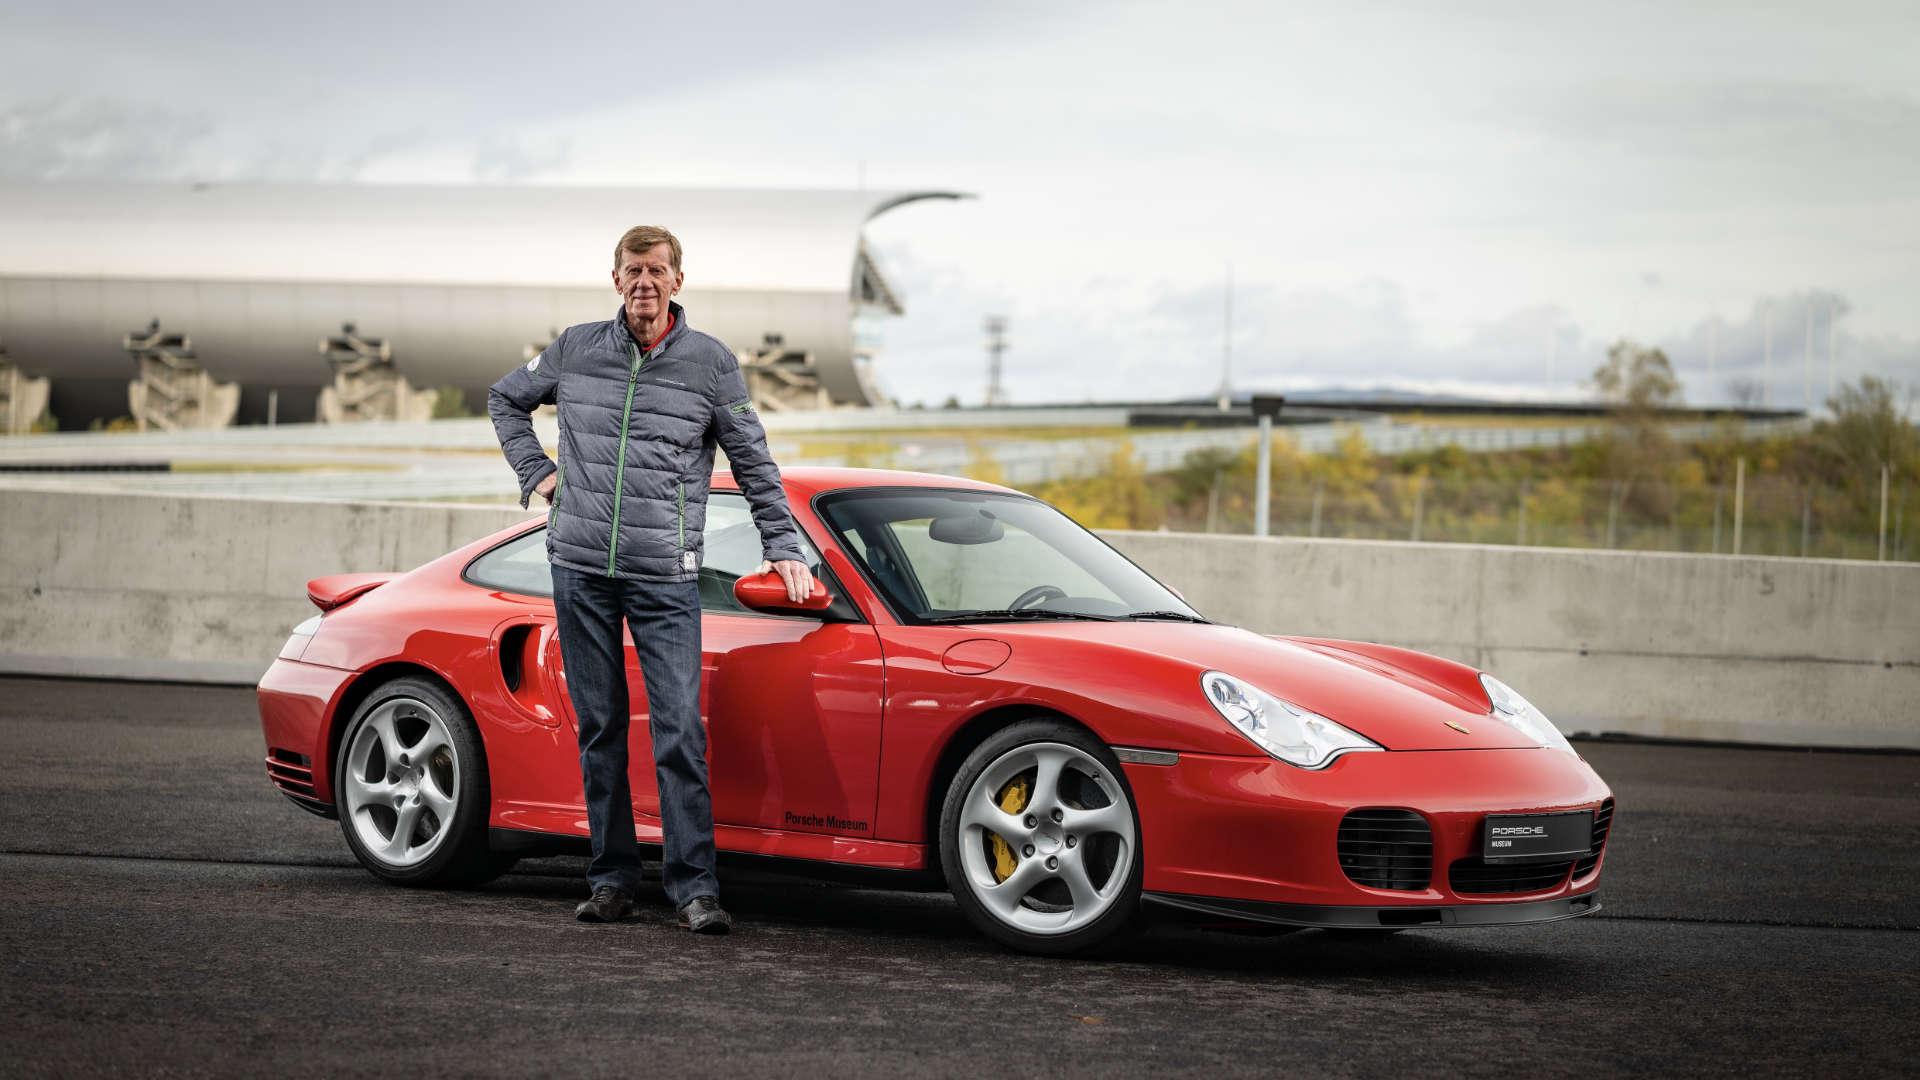 Walter Röhrl Porsche 911 Turbo 996